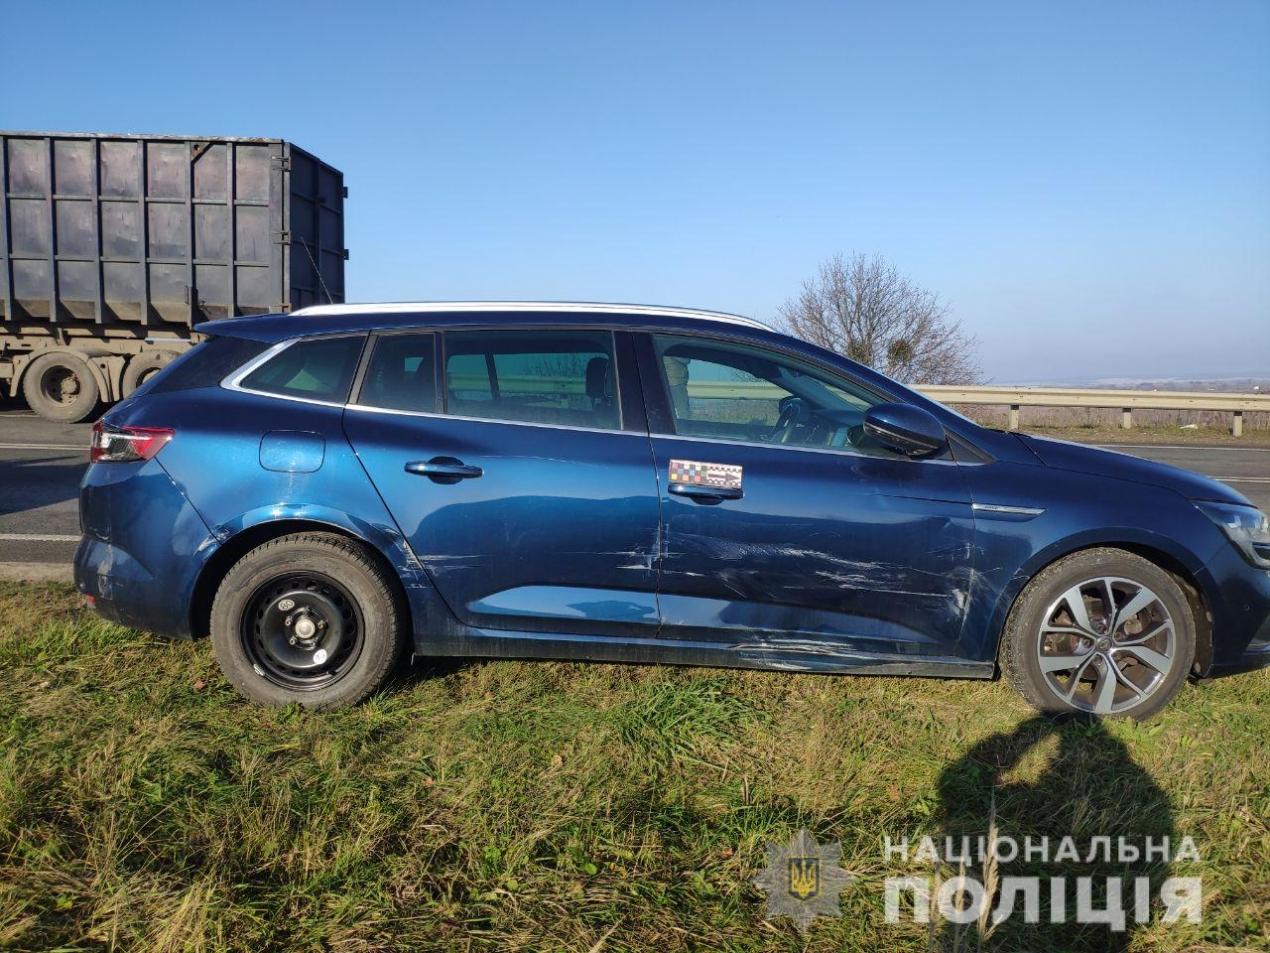 Дві ДТП біля Дубна: травмувалась дитина, пошкоджені п'ять авто